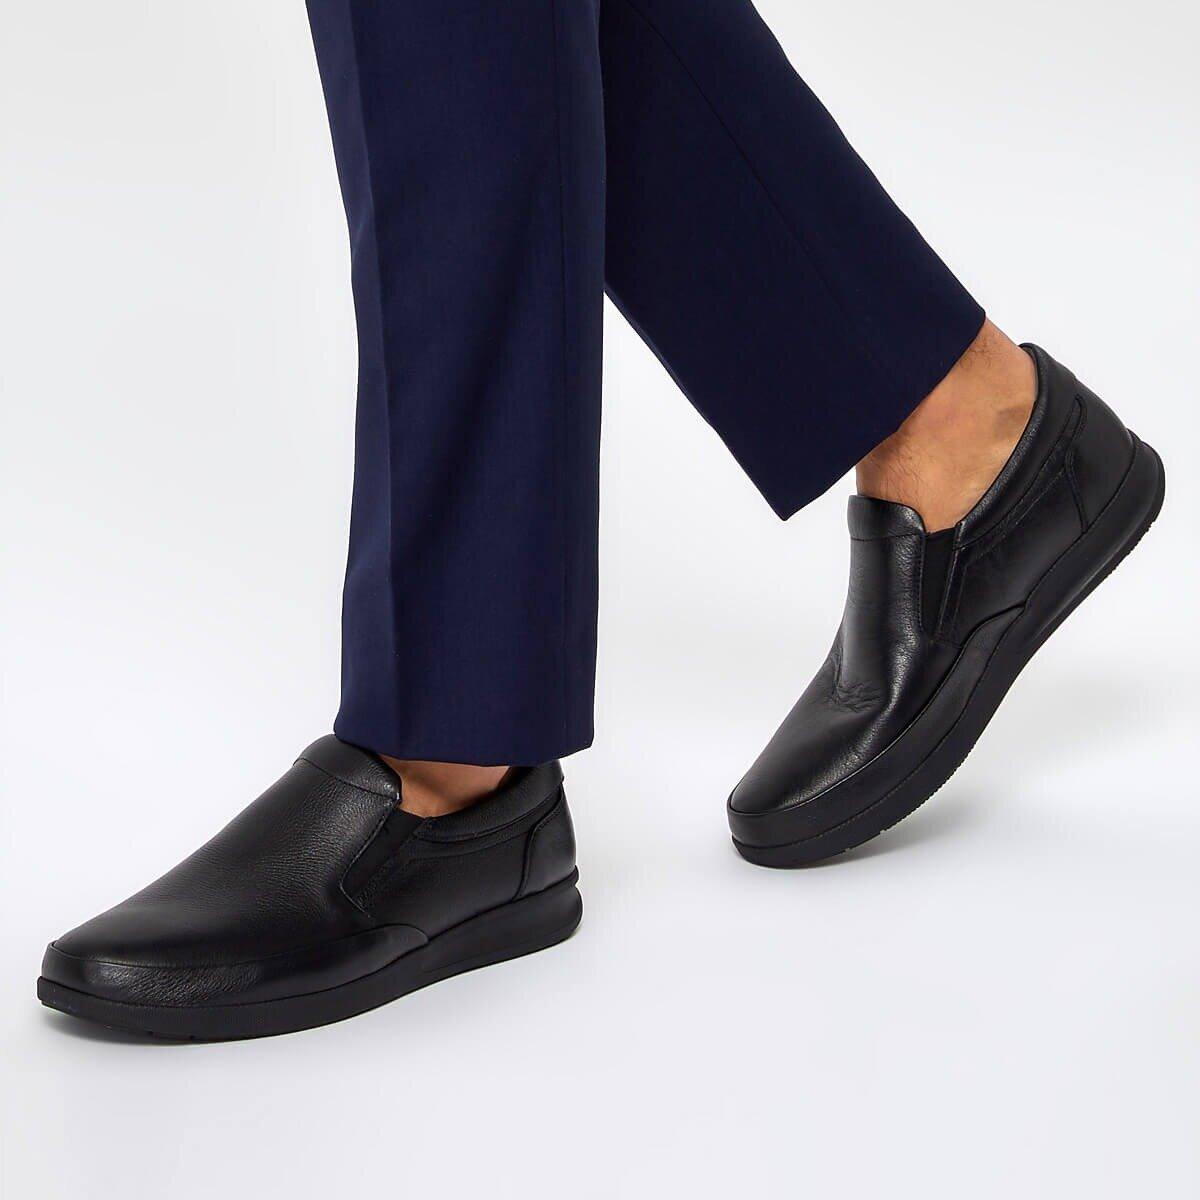 FLO 92.100894.M Black Male Shoes Polaris 5 Point